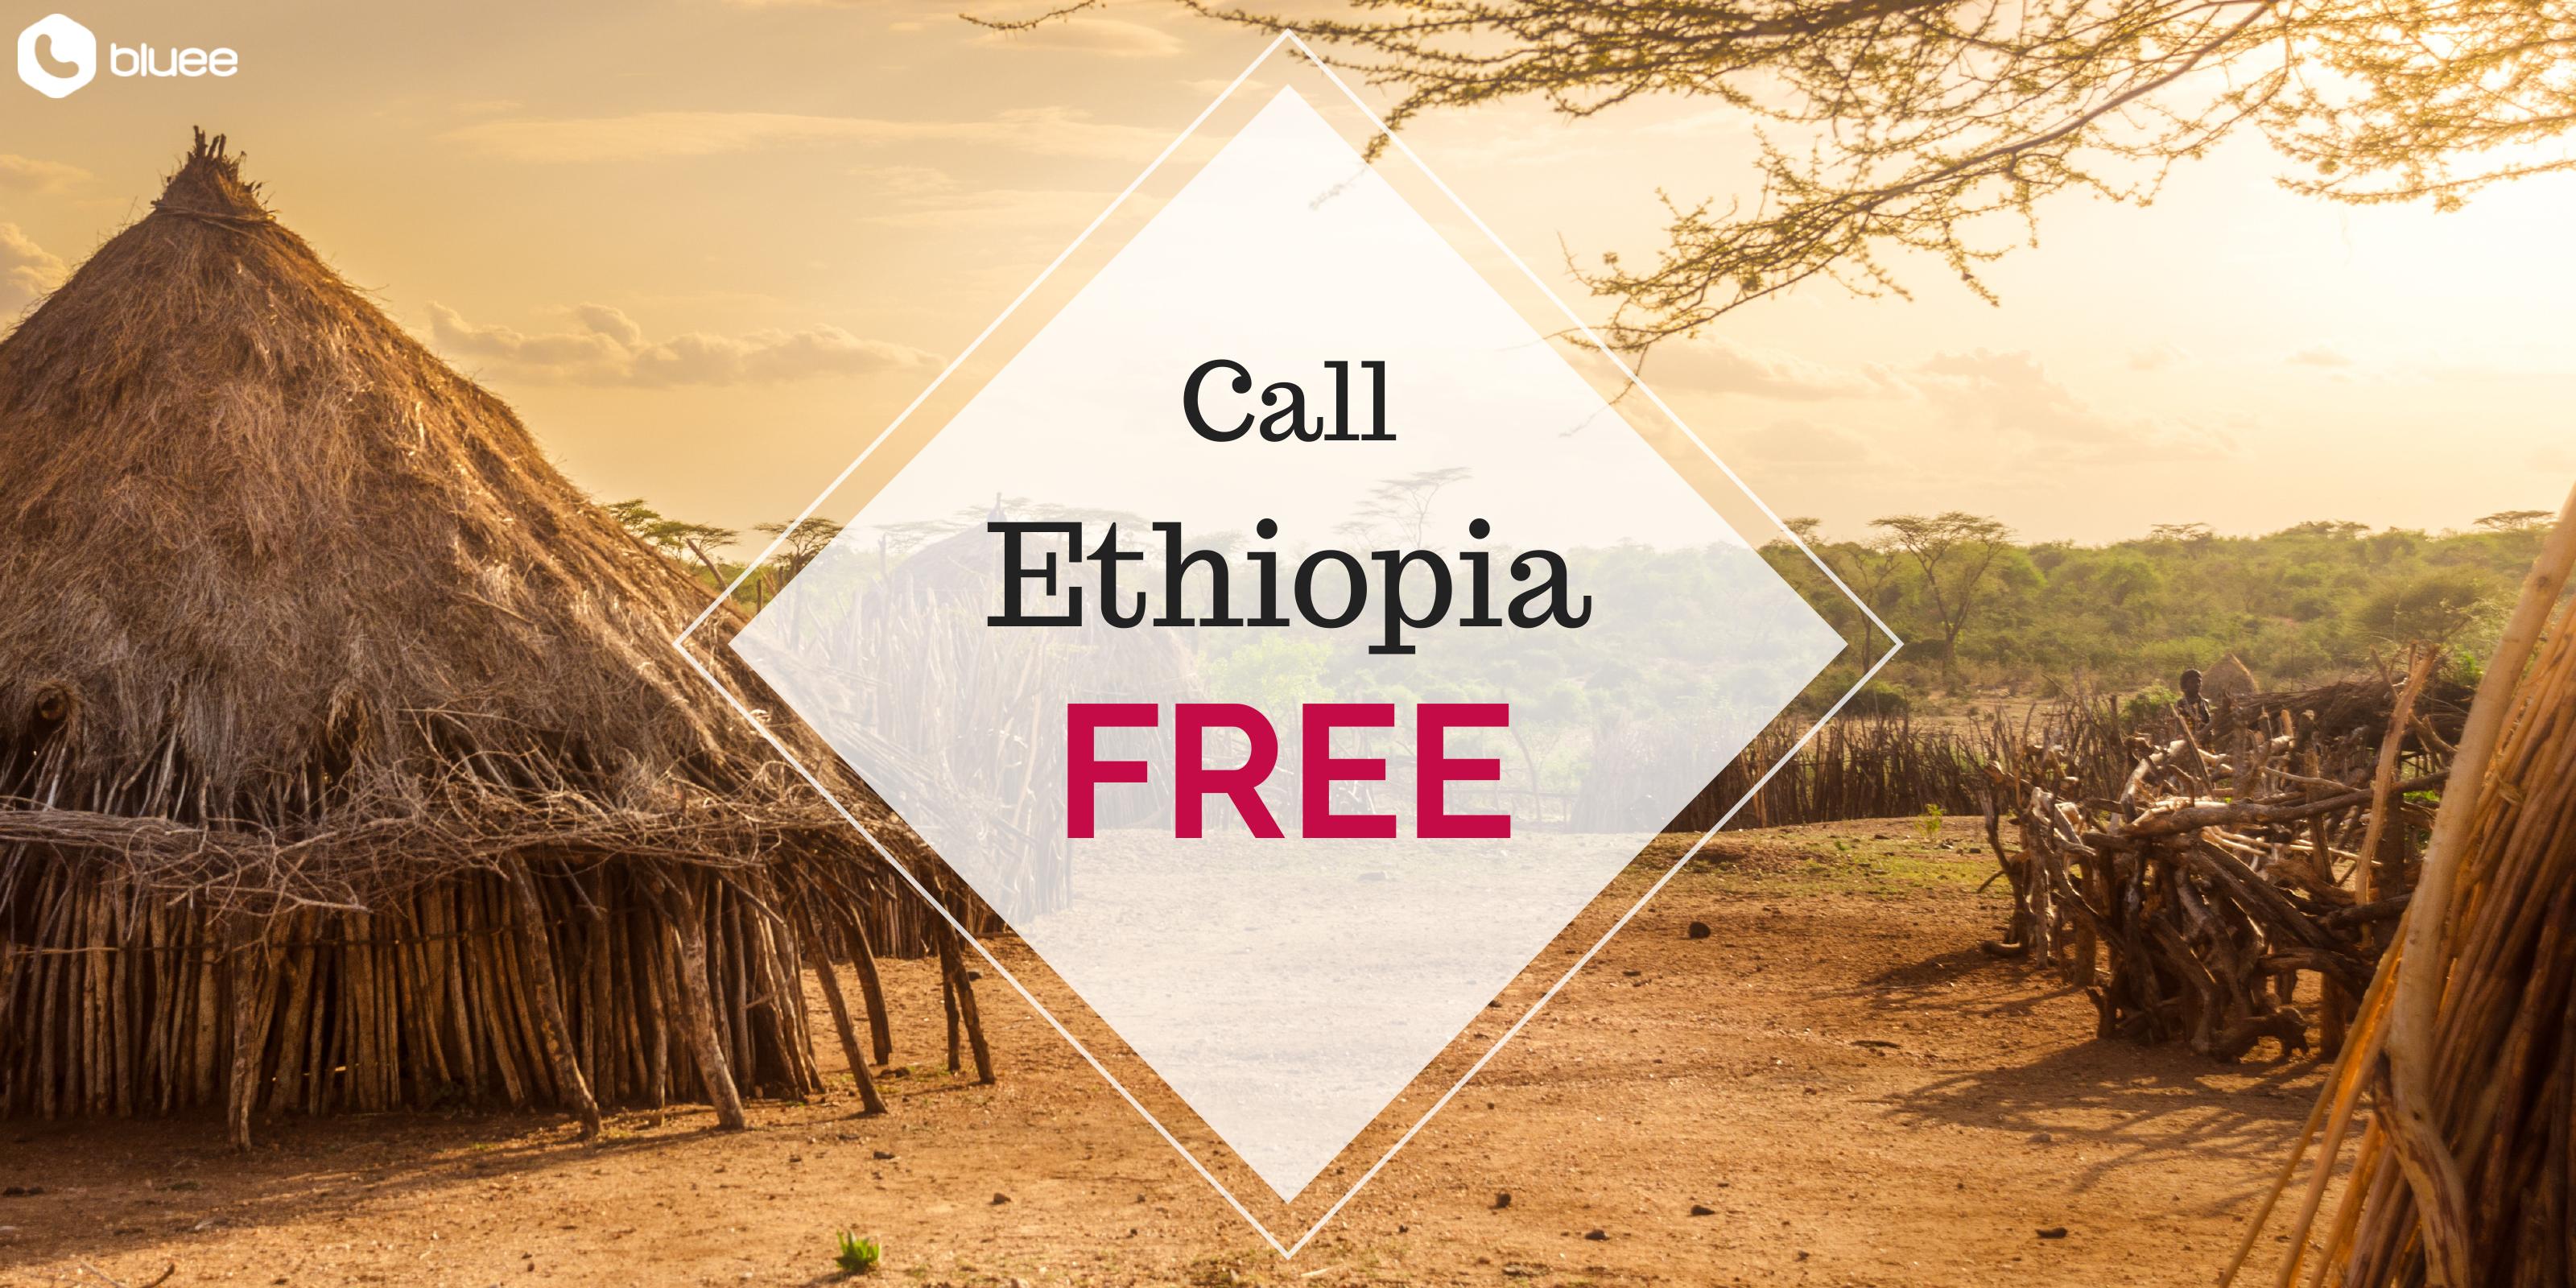 Free Thursday: Call Ethiopia For FREE!